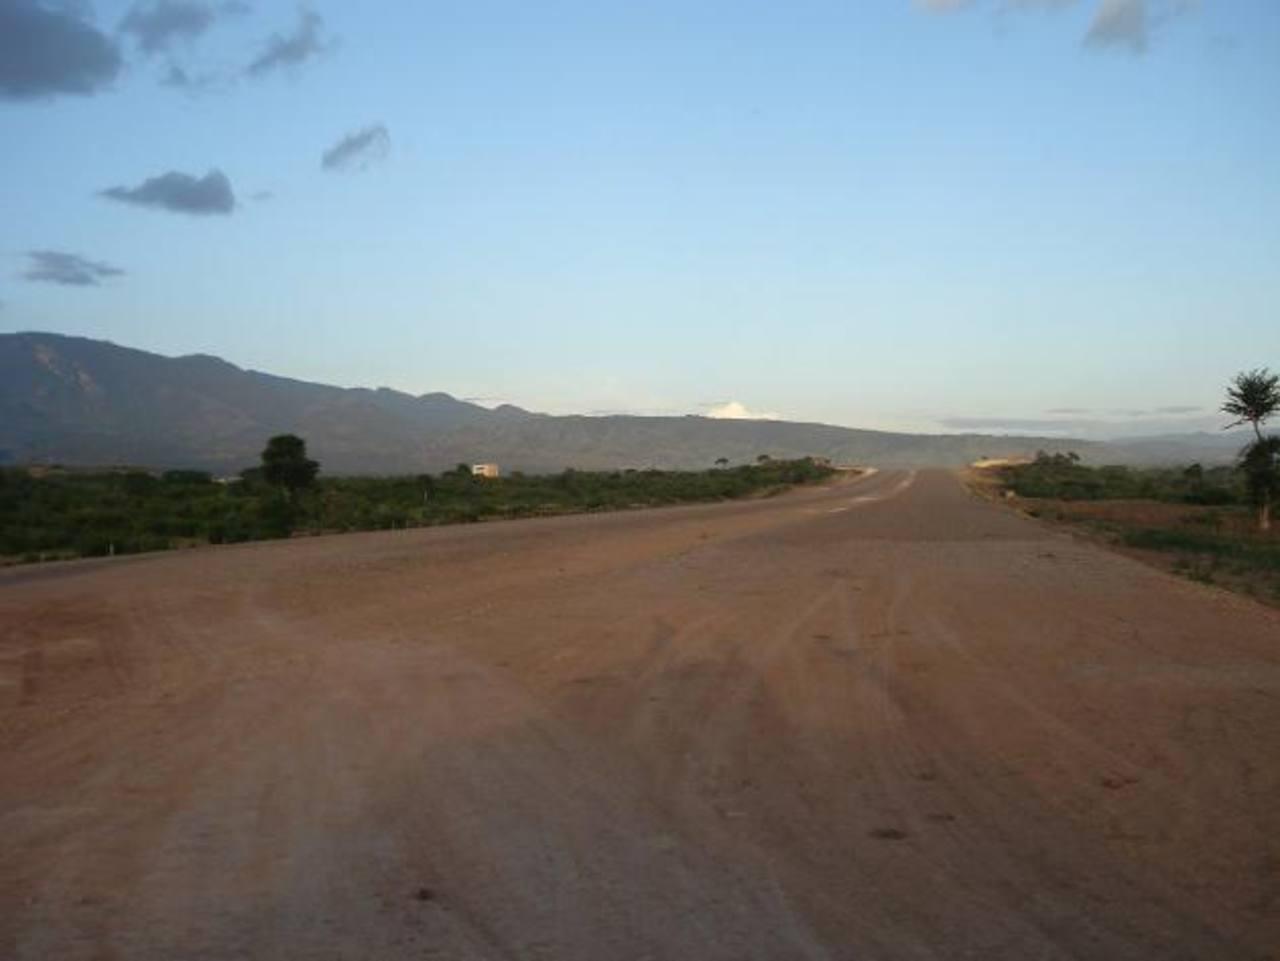 Las autoridades hondureñas estiman que la obra estará finalizada en 2018, aunque algunos tramos ya están terminados. Foto EDH/ Tomada de Internet